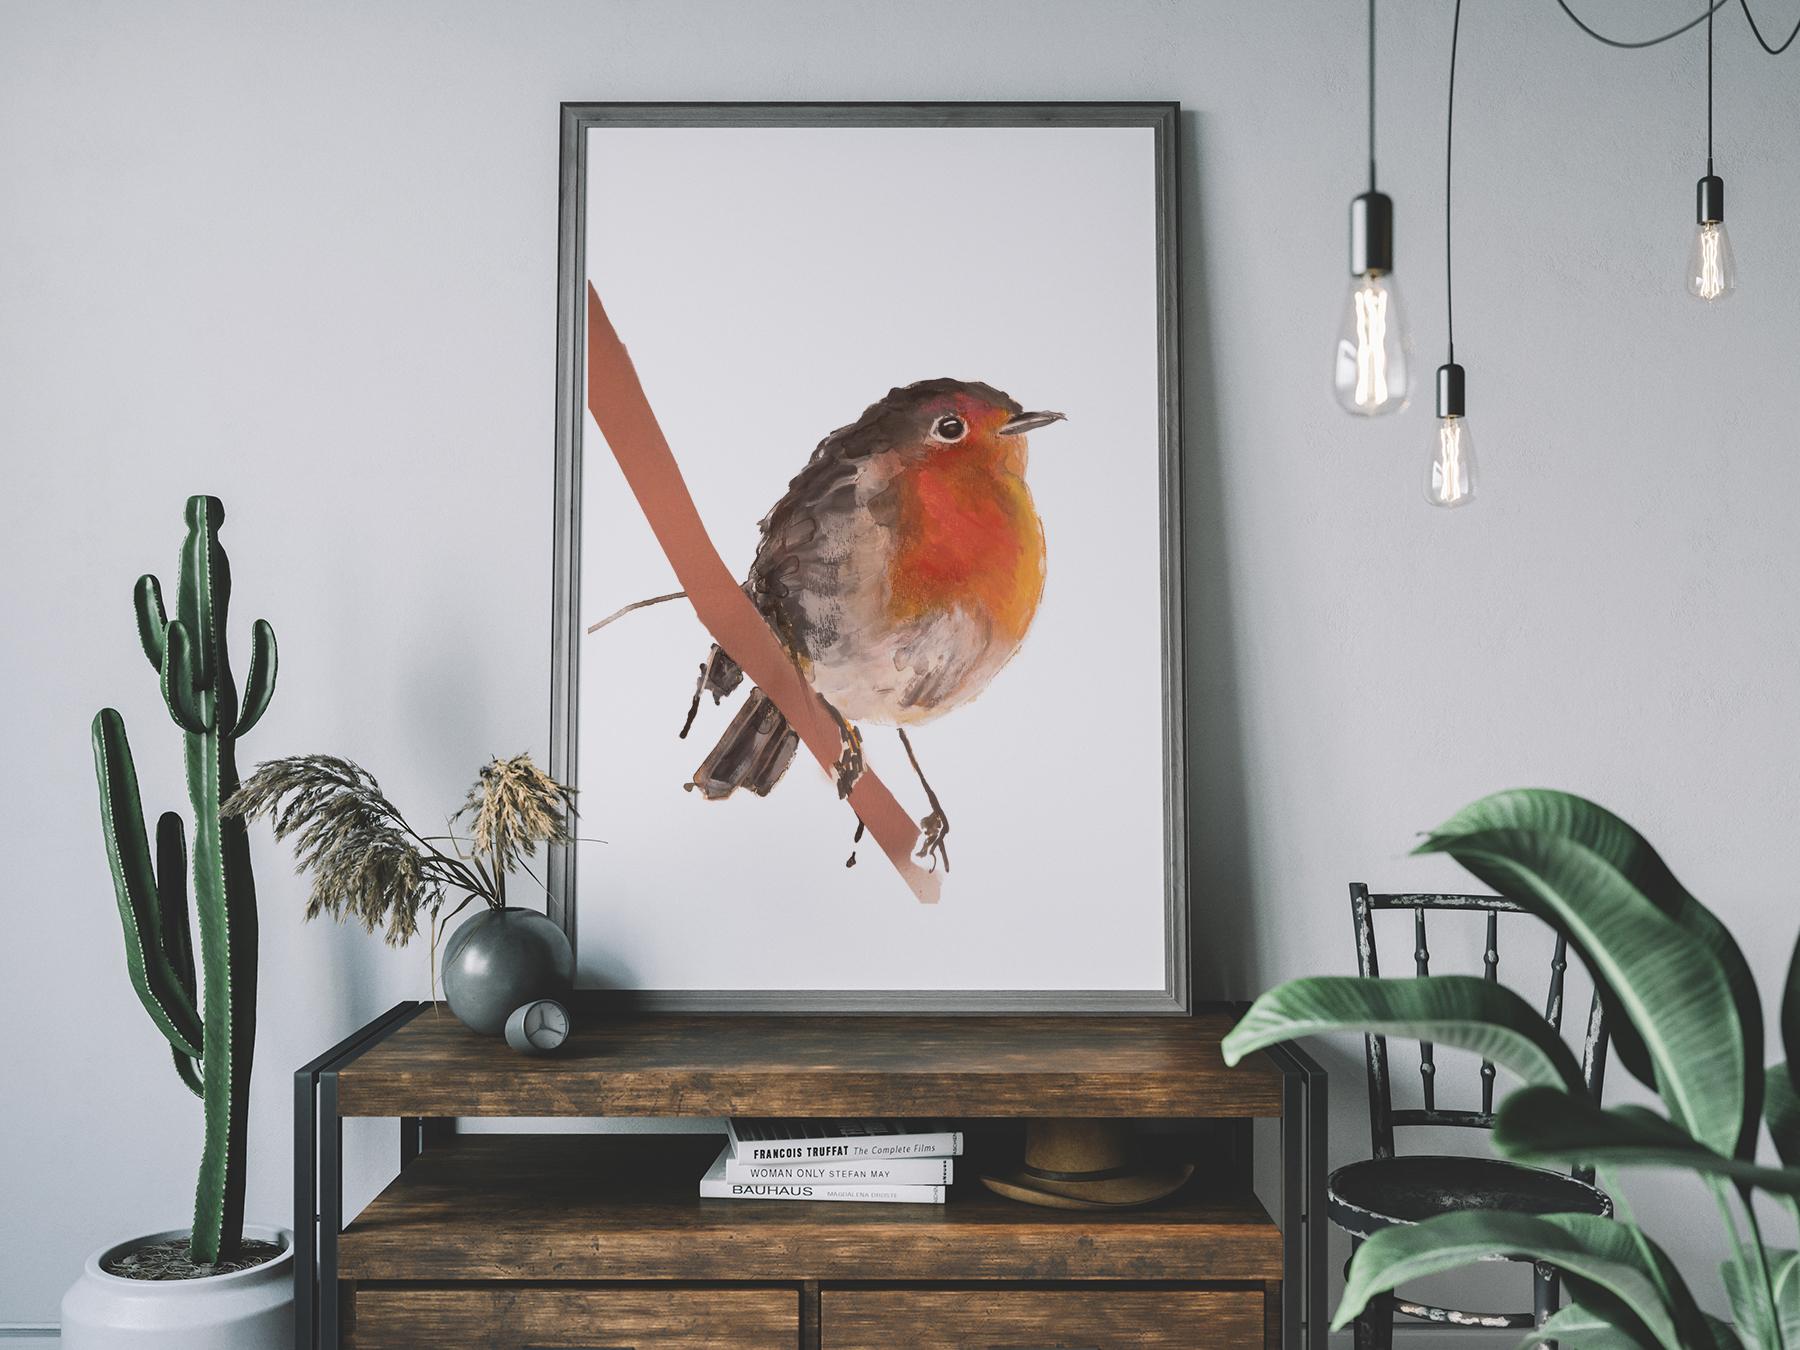 Roodborstje, Robin, bird, vogel, animal dieren print, Natuurlijk Angelart, Angela Peters. Illustratie Ink aquarel